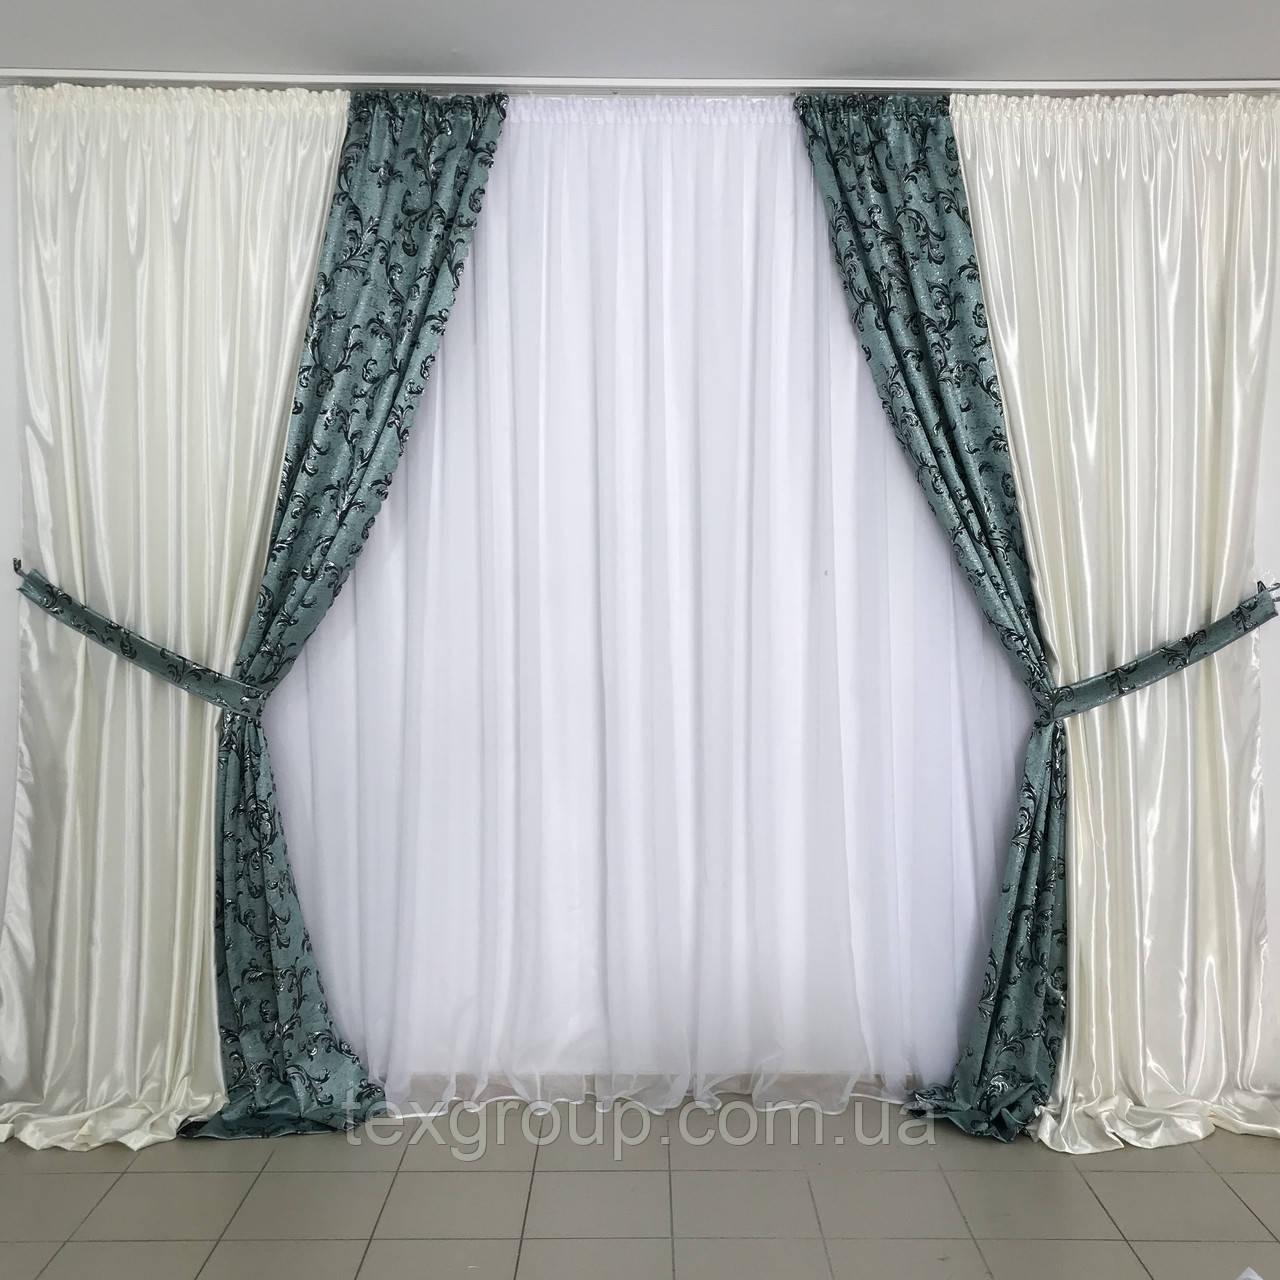 Готовые шторы Мелодия №345